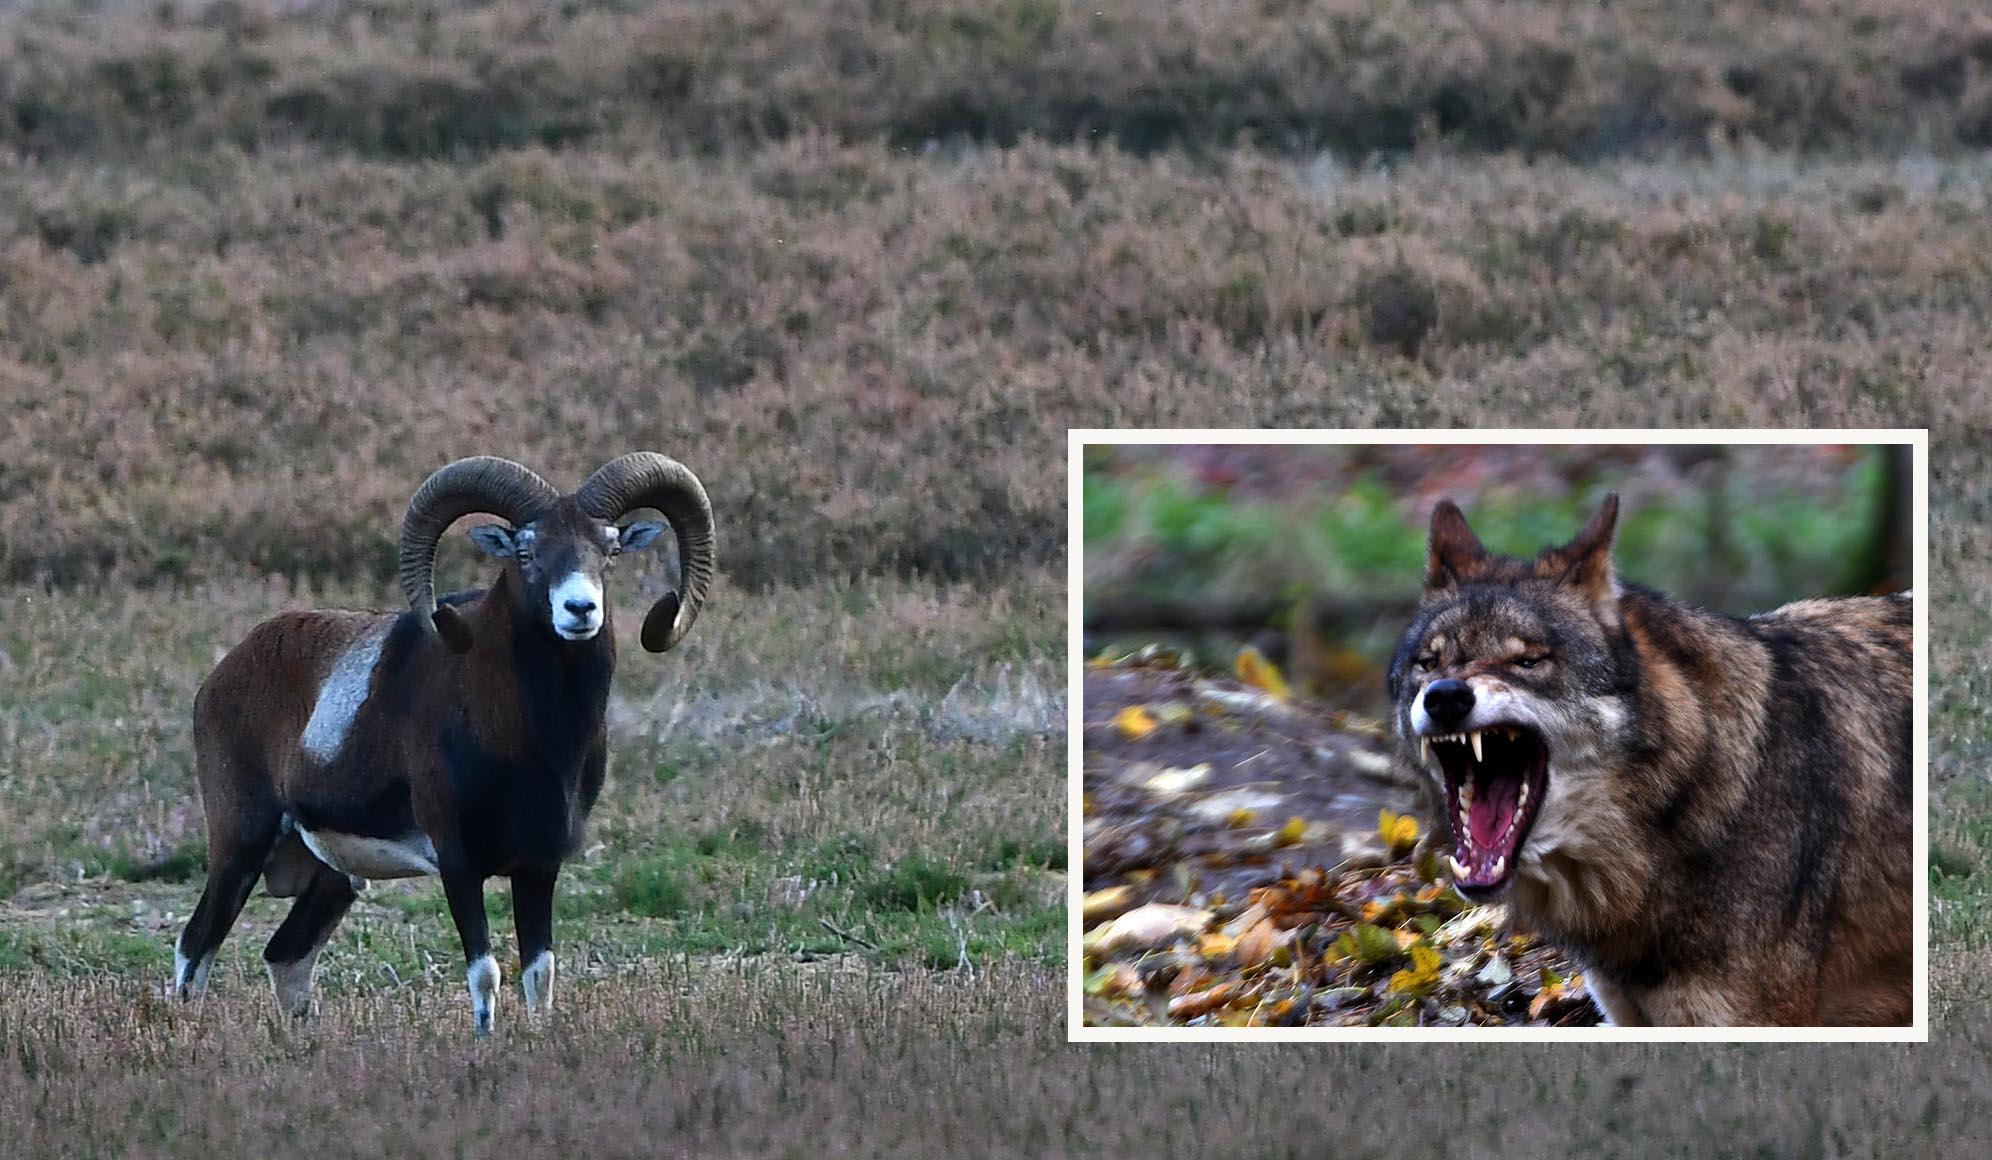 Zal de moeflon opgeofferd gaan worden voor de wolf? – Foto en inzet: ©Louis Fraanje